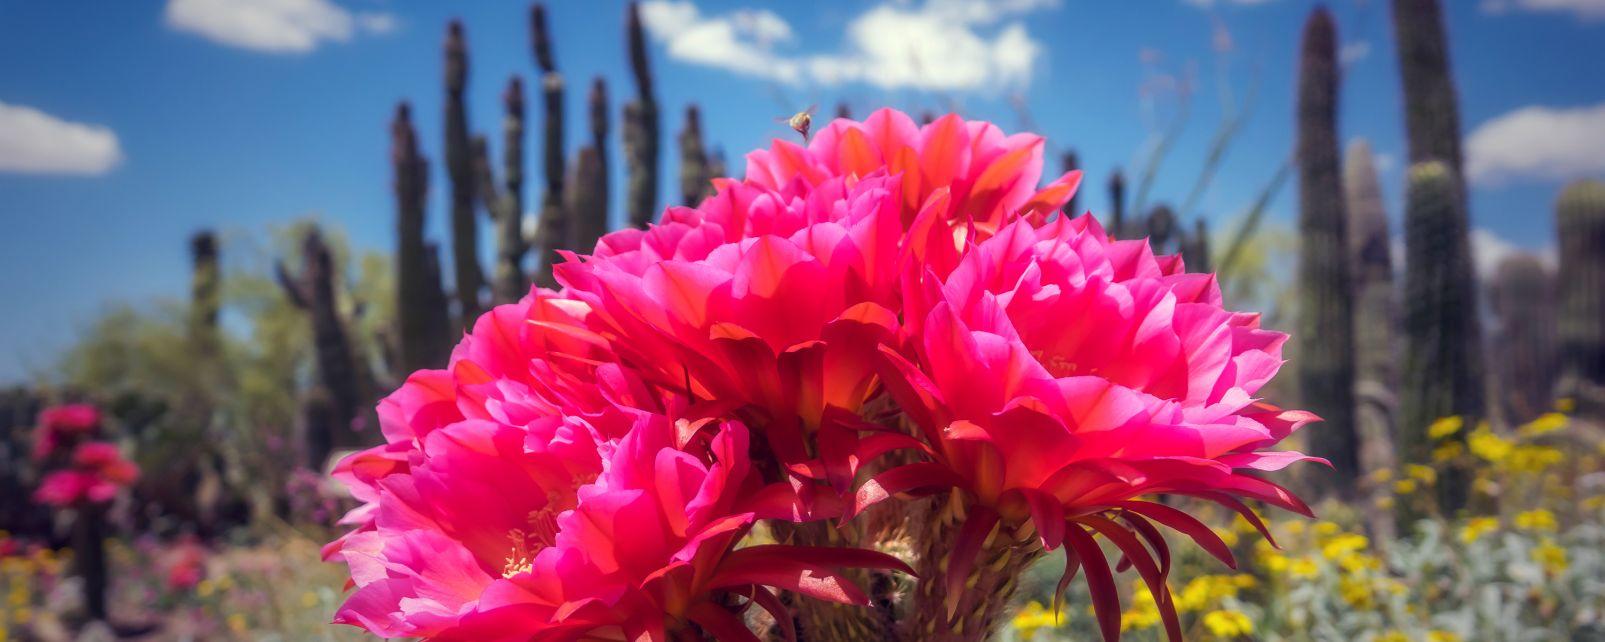 La faune et la flore, Mexique, fleur, cactus, flore, végétation, nature, amérique, amérique du nord, cactus, cactée